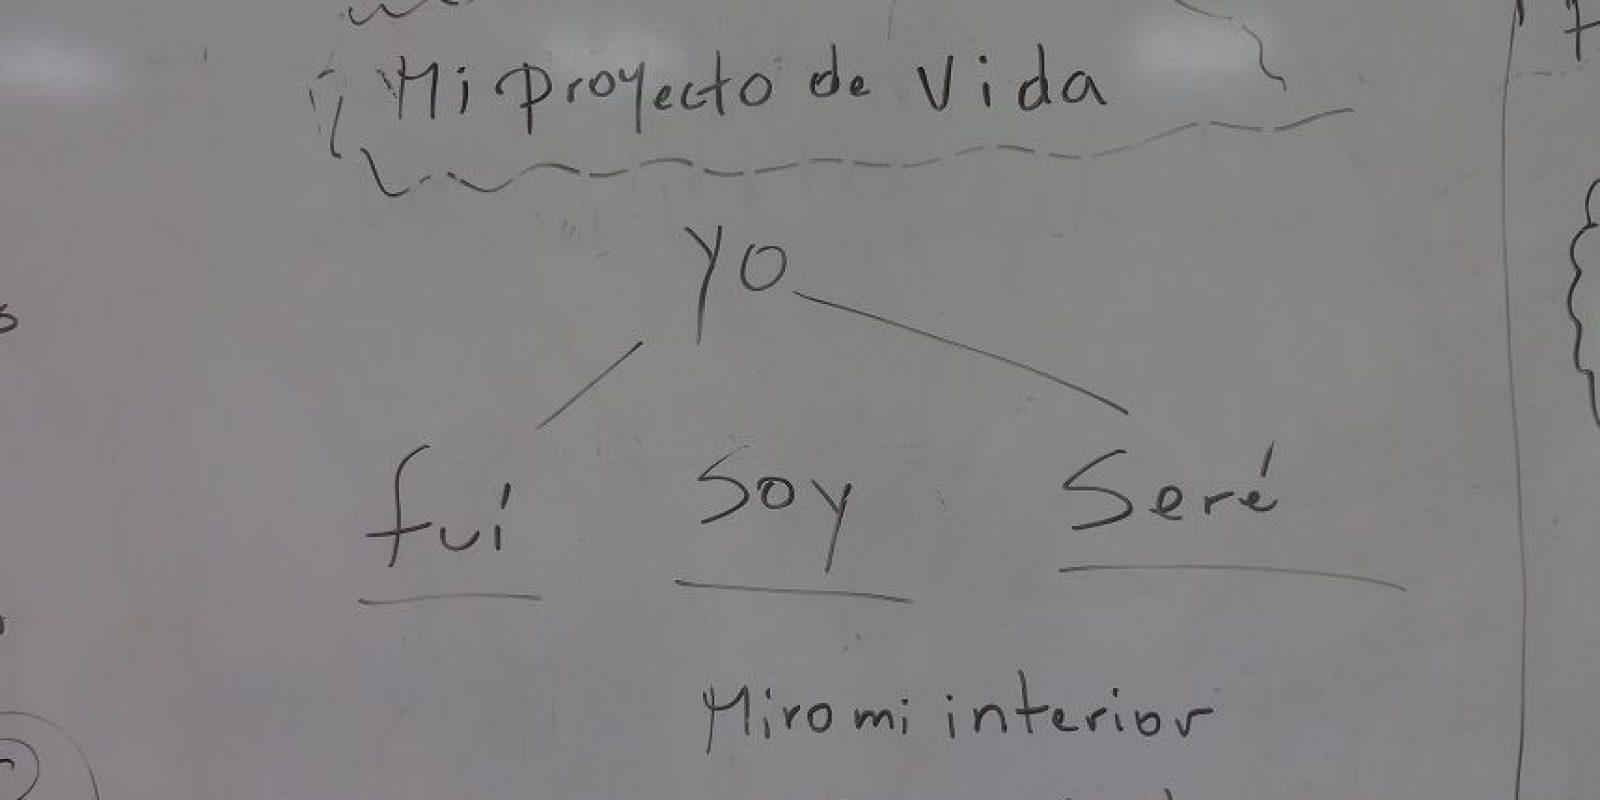 Mensaje en el tablero del aula